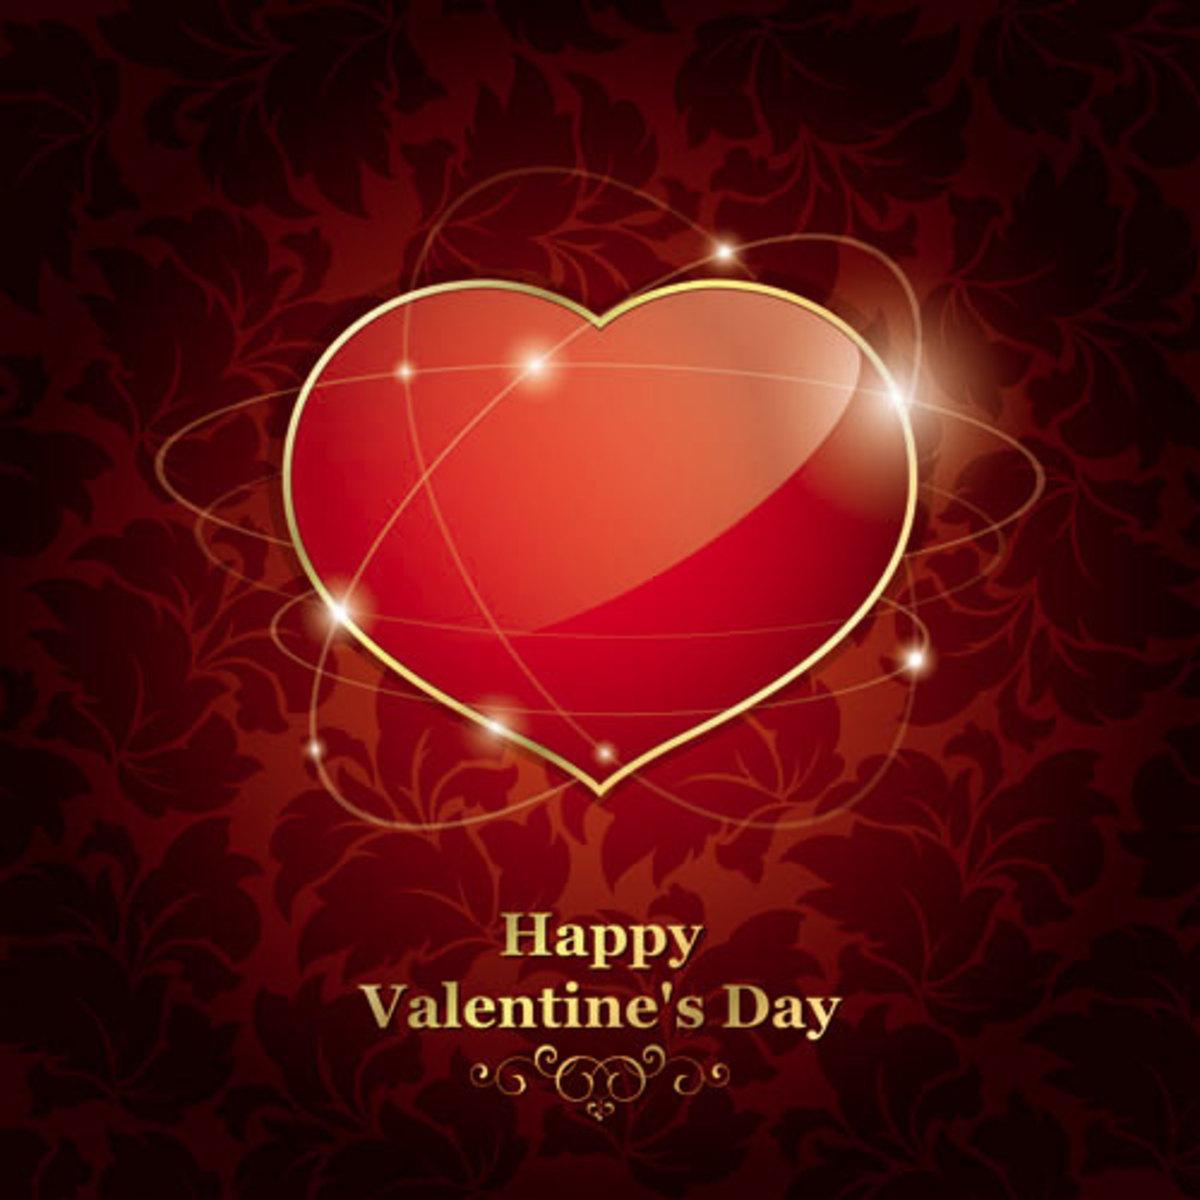 Happy Valentine's Day Image